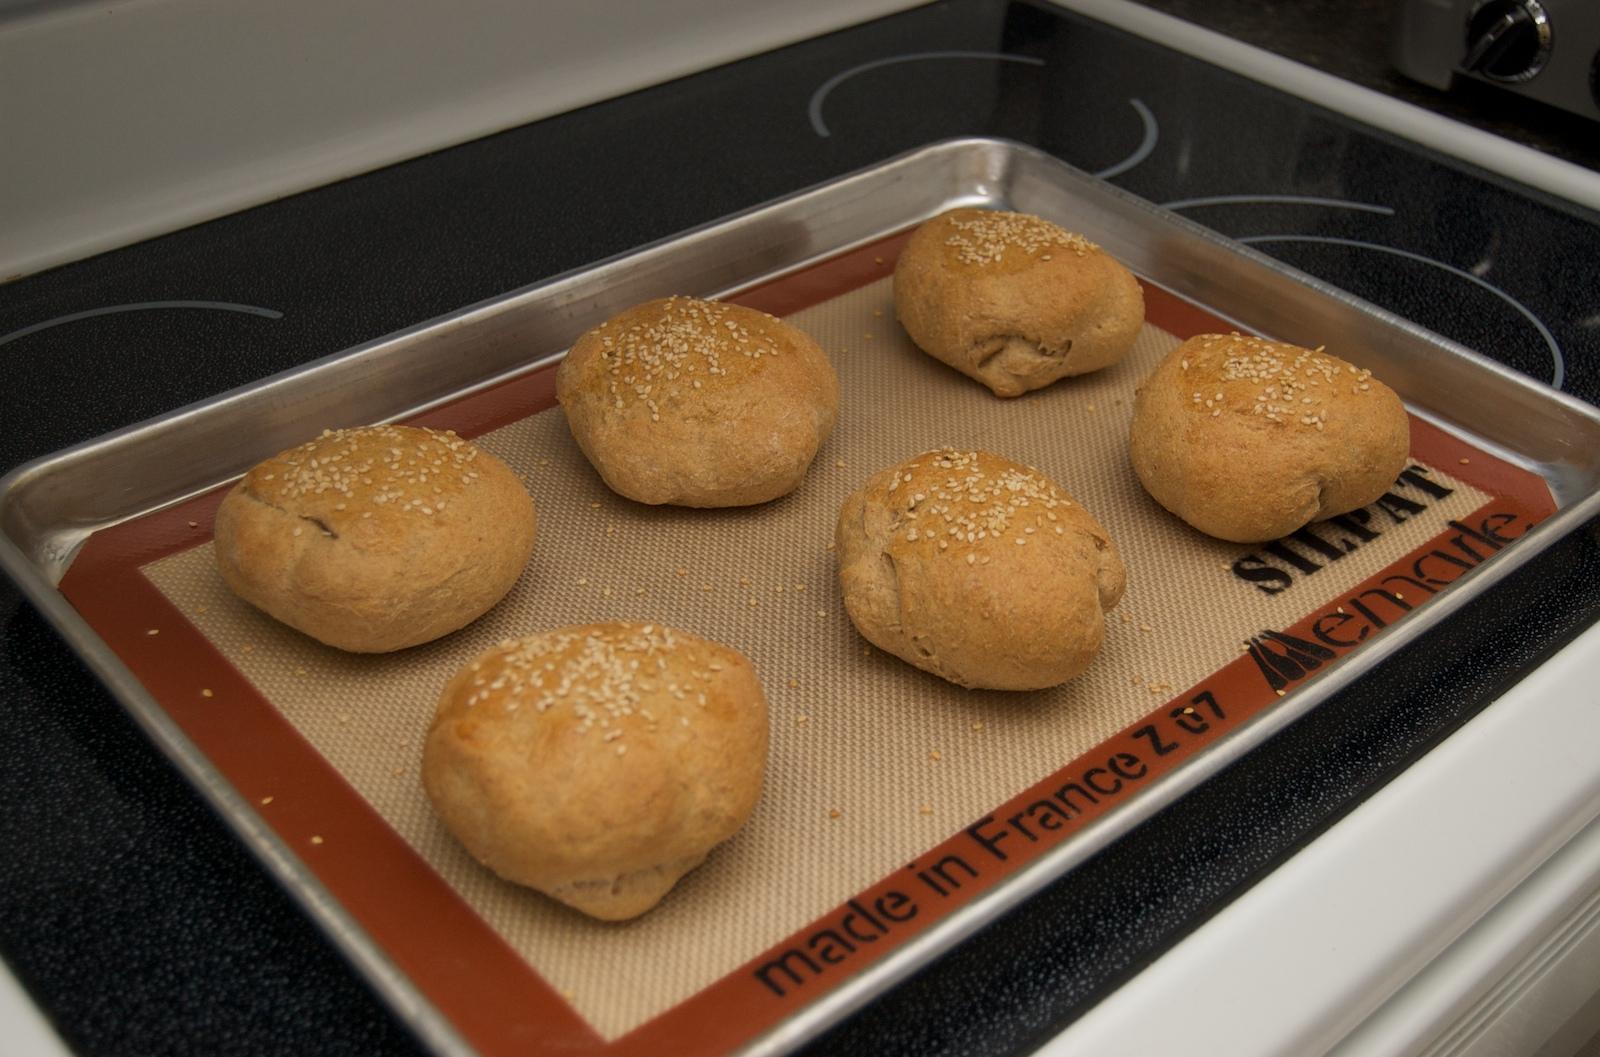 http://blog.rickk.com/food/2010/02/02/DSC_0019.jpg